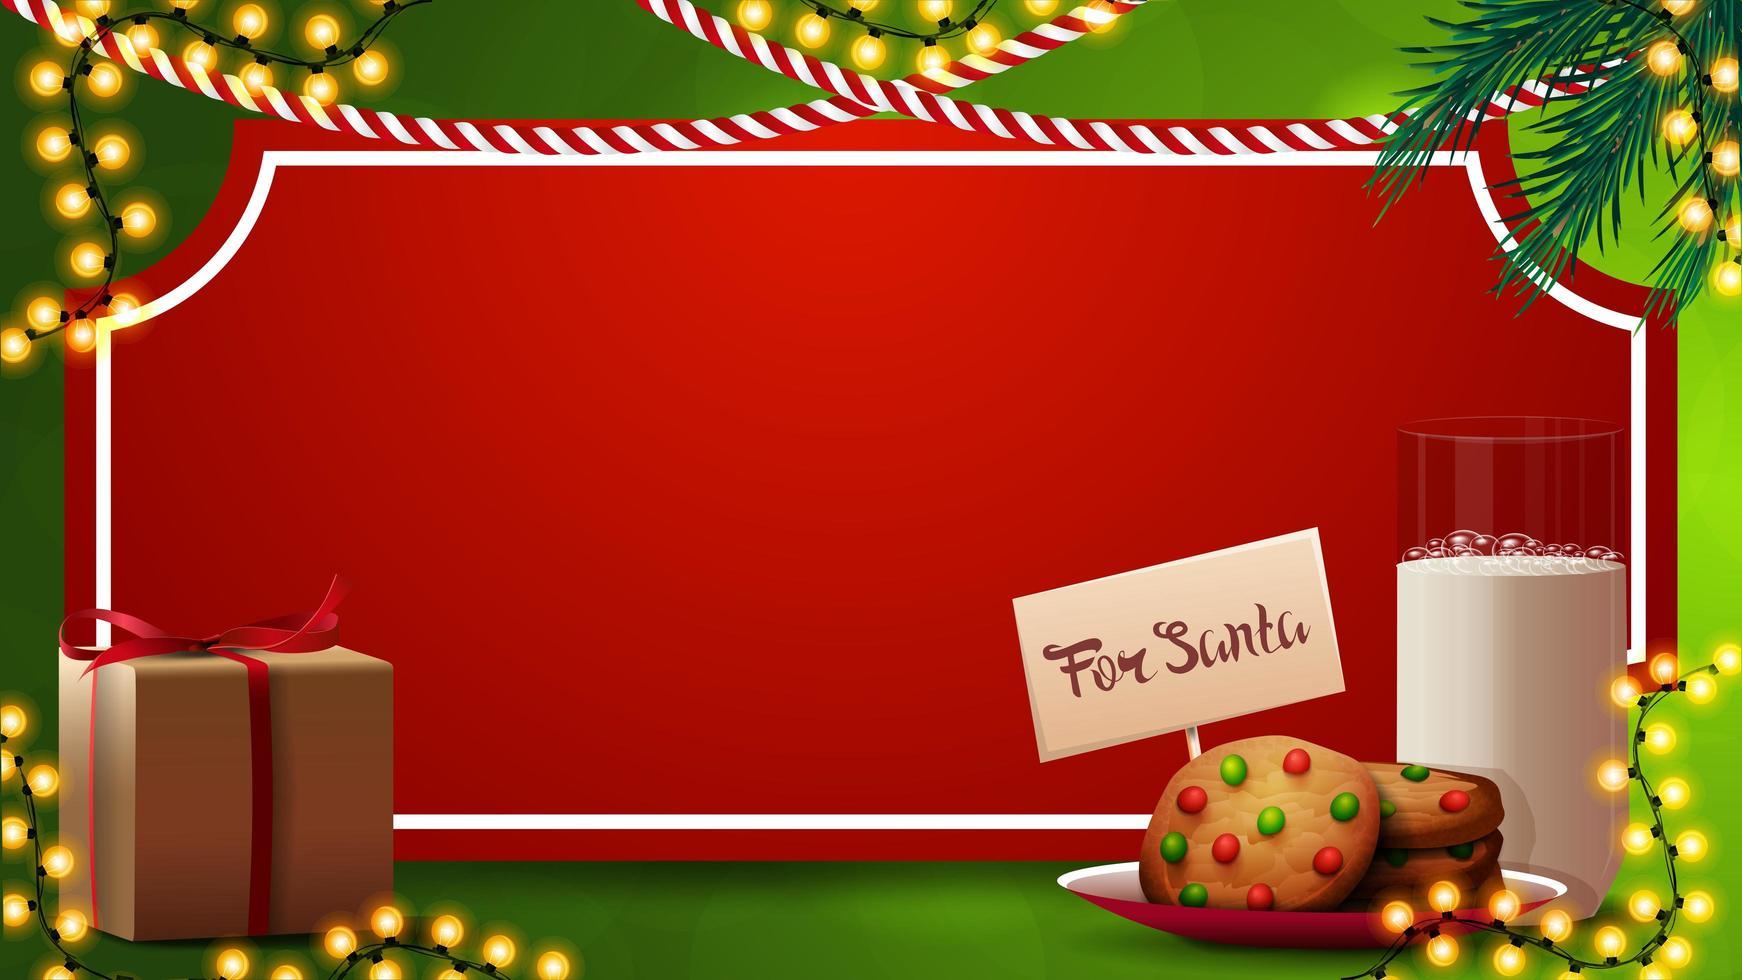 Weihnachtsschablone für Ihre Künste mit rotem Papierblatt in Form von Weinleseticket, Weihnachtsbaumzweigen, Girlanden und Keksen mit einem Glas Milch für Weihnachtsmann vektor